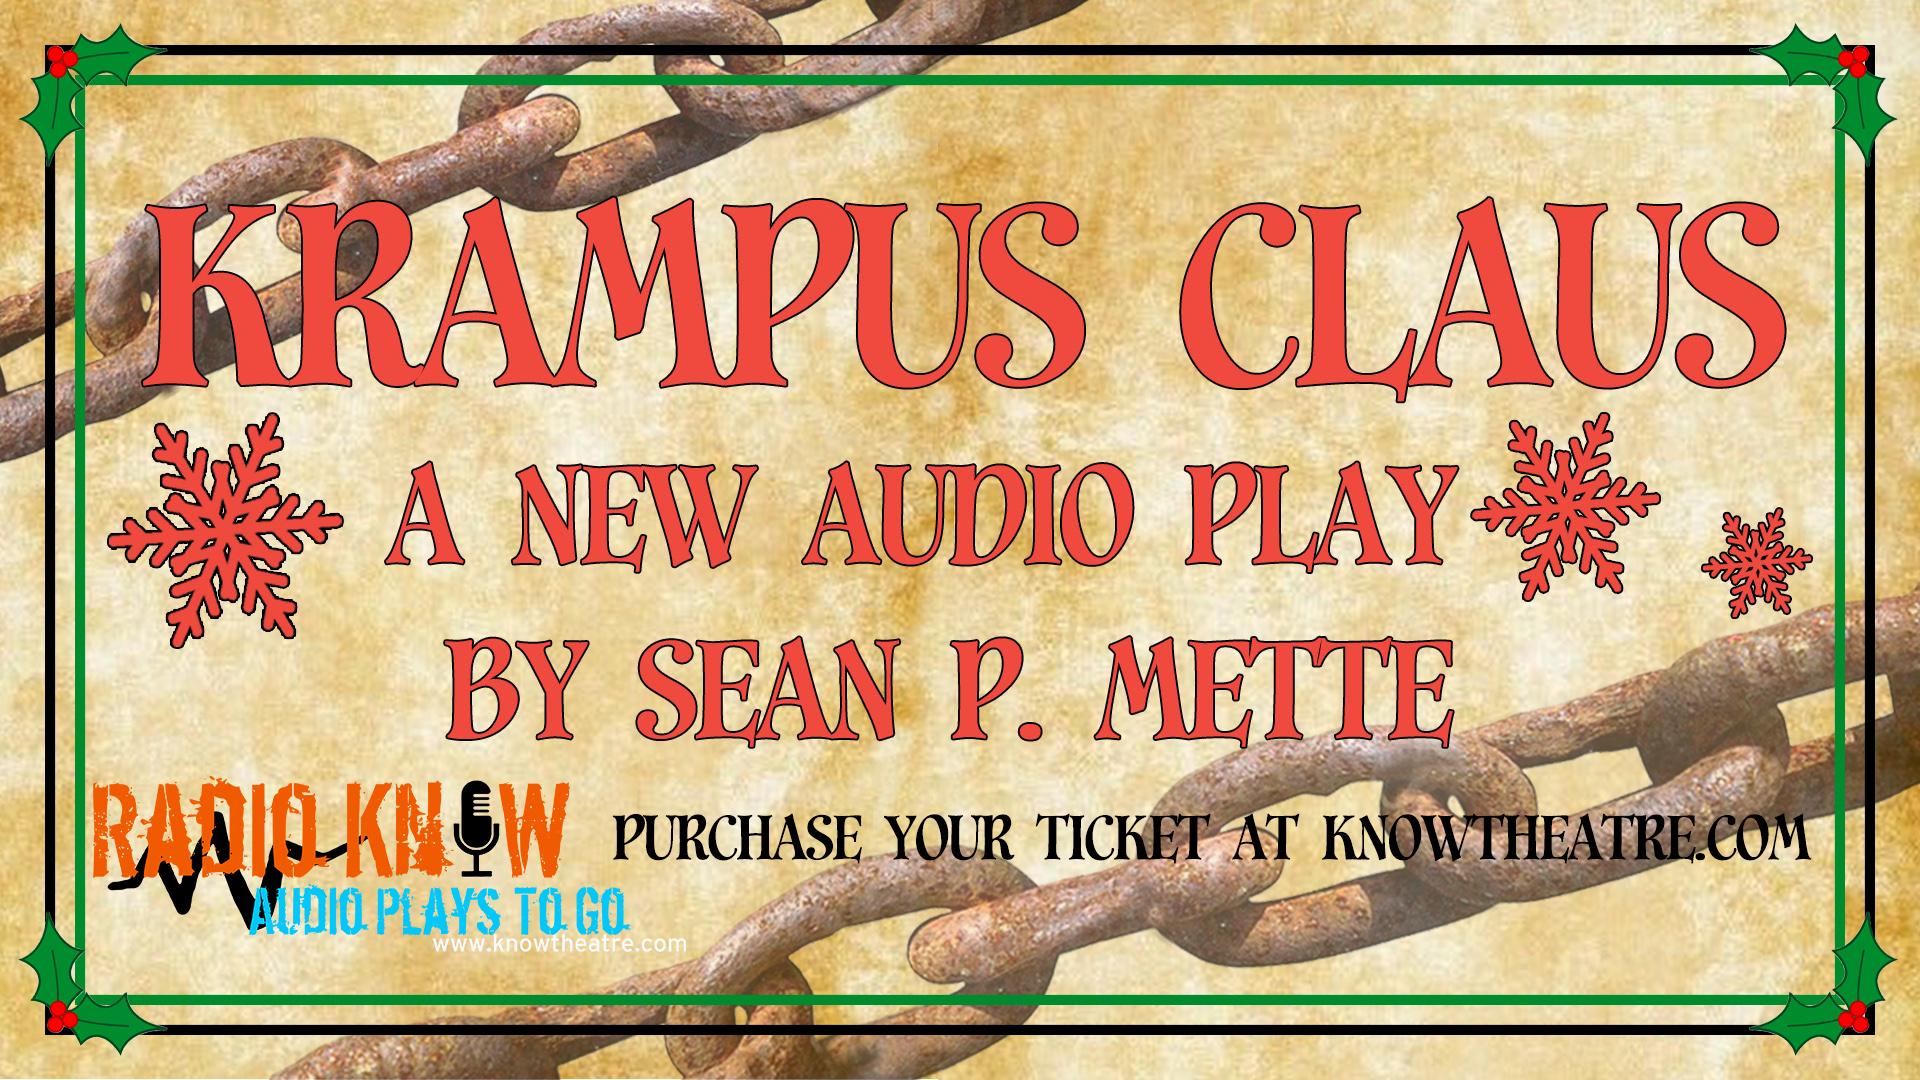 KTC_Krampus Claus logo